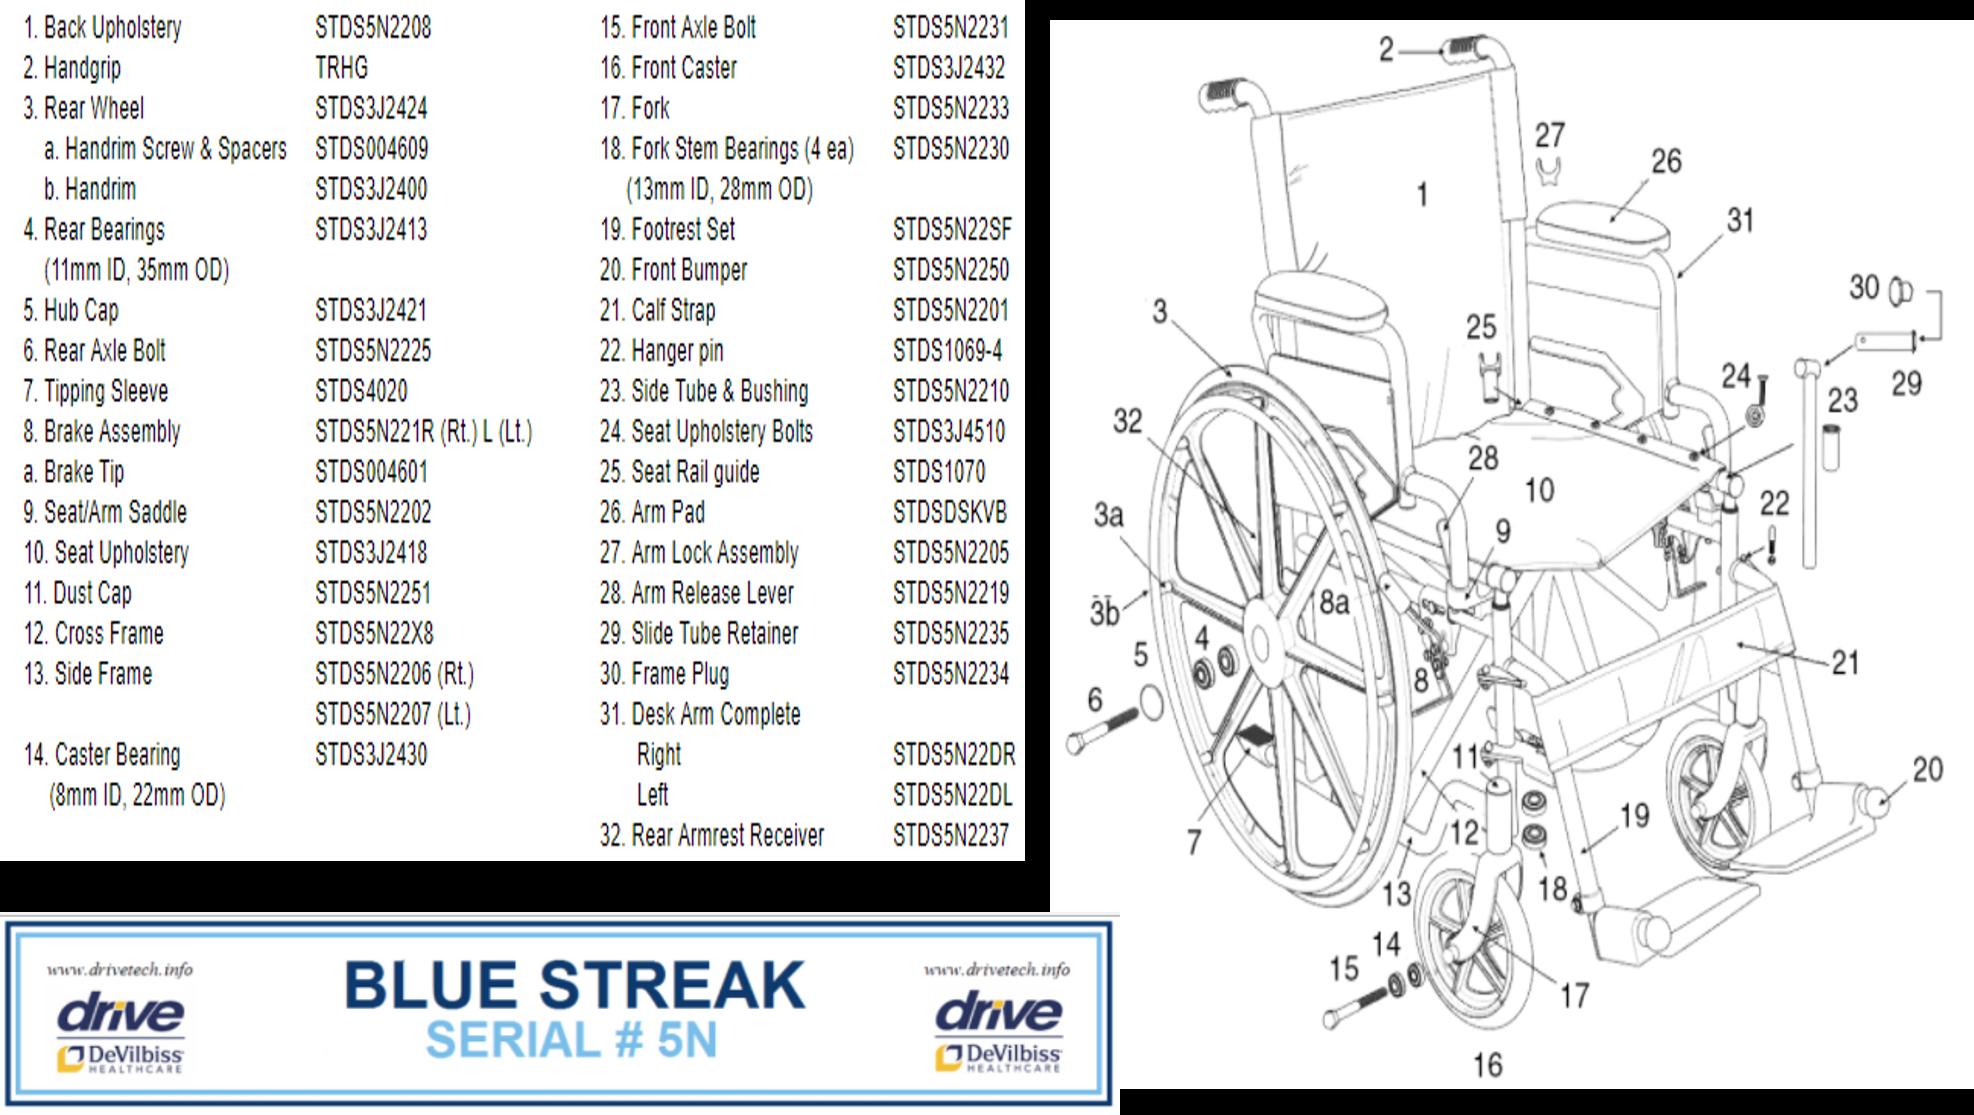 blue-streak-5n-serial-.png